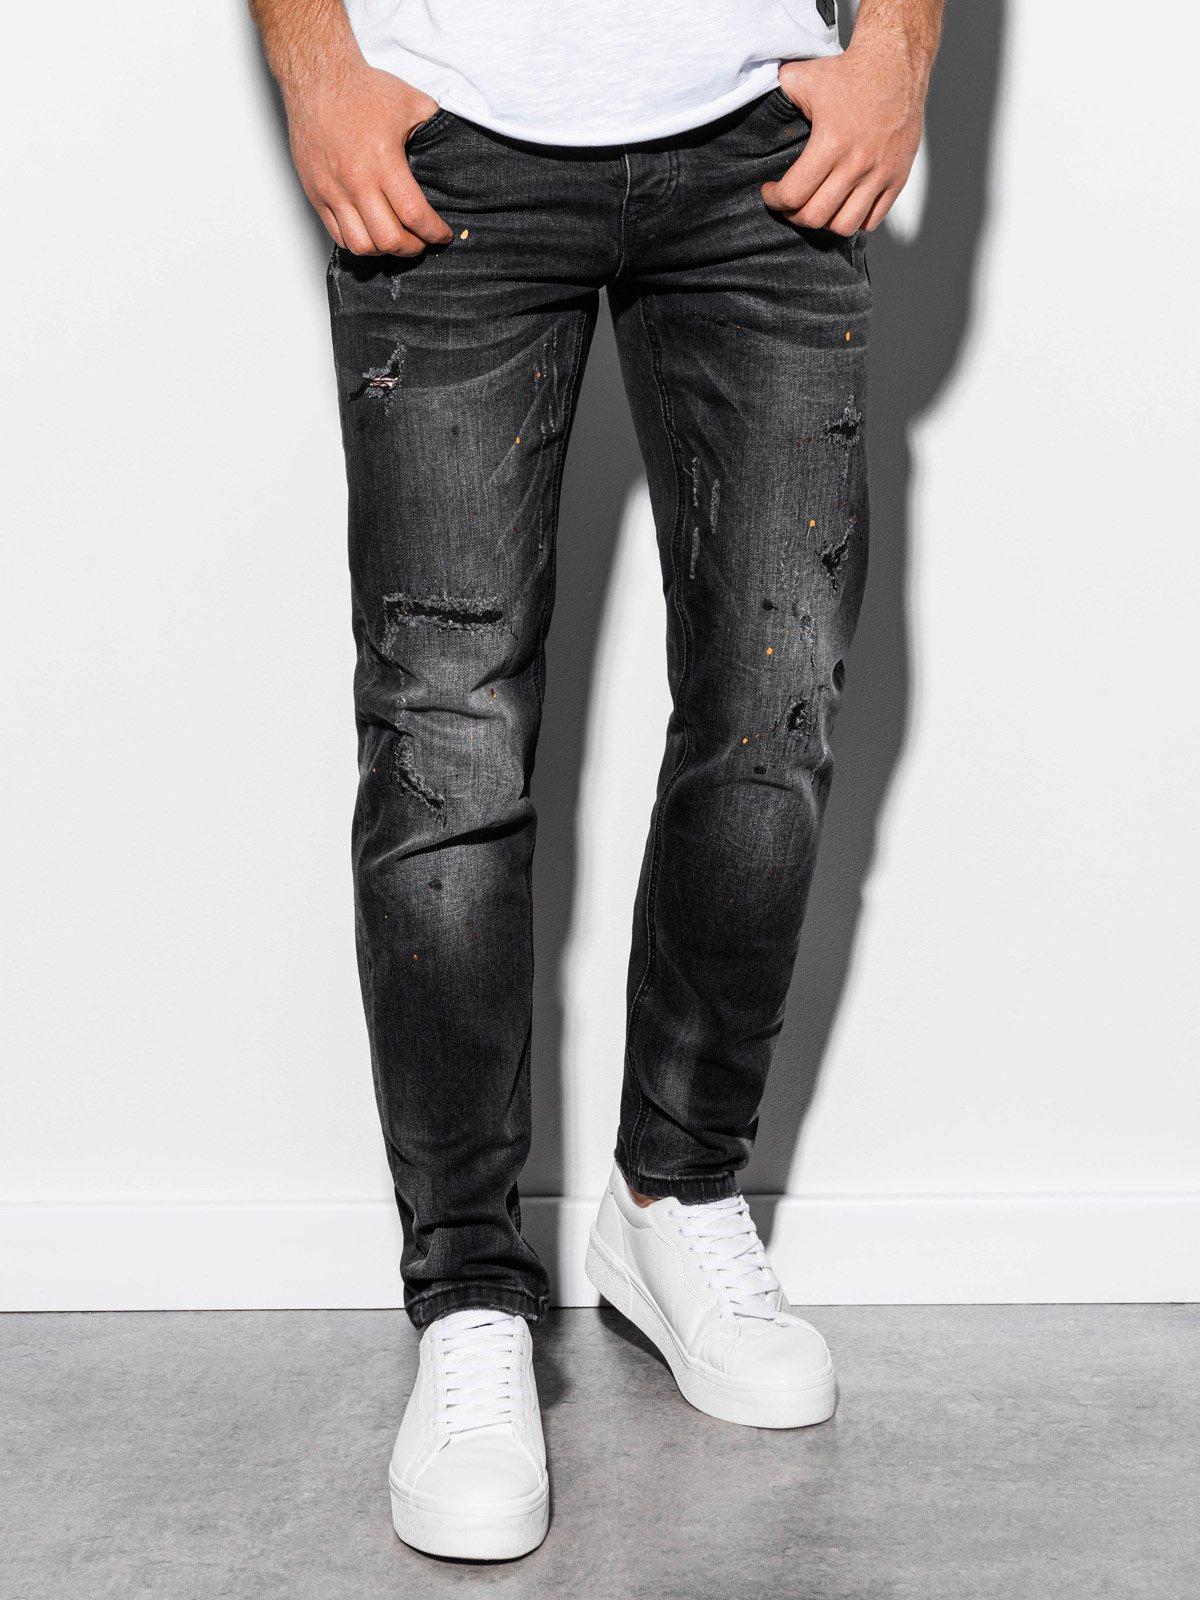 Spodnie męskie jeansowe P859 - czarne